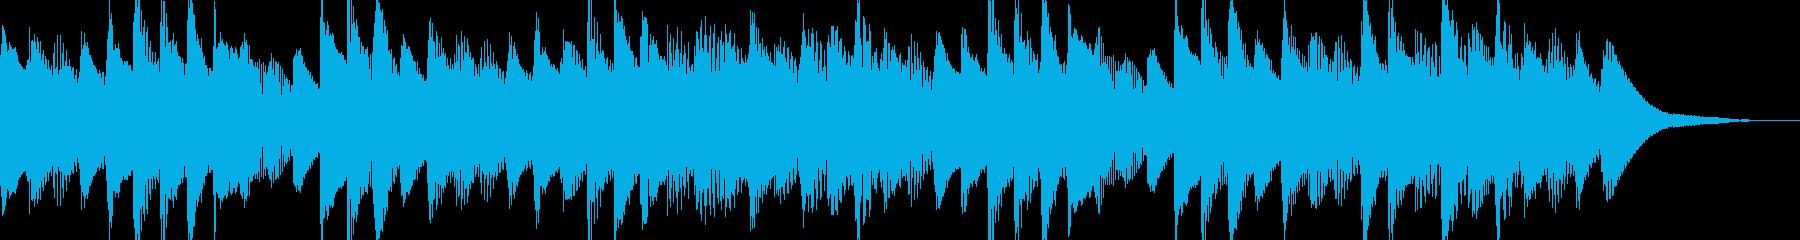 ほのぼのとしたマリンバ ジングル 日常系の再生済みの波形